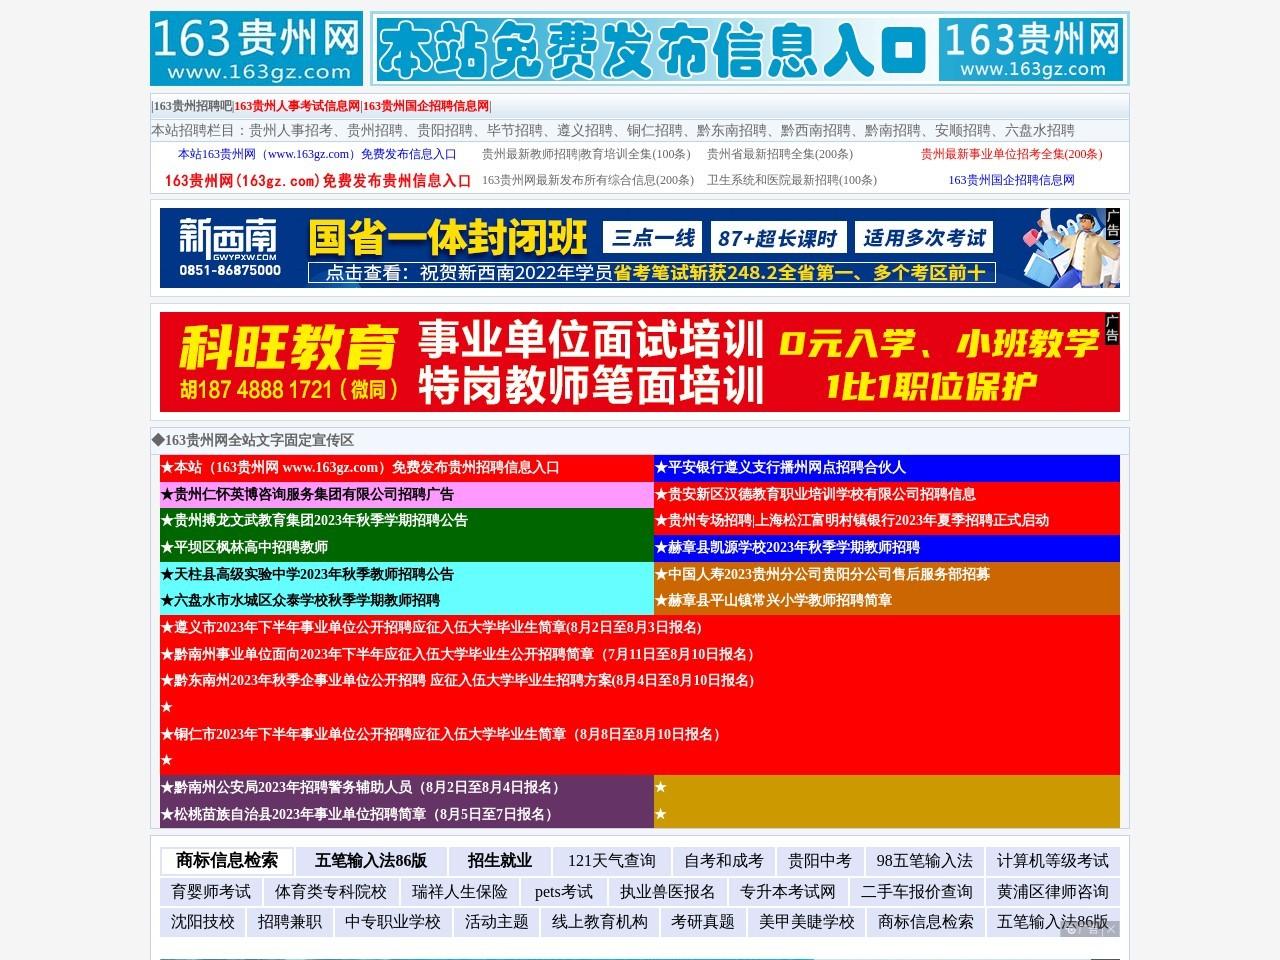 163贵州网 贵州163 163贵州人事考试信息网 贵州招聘吧 贵阳招聘